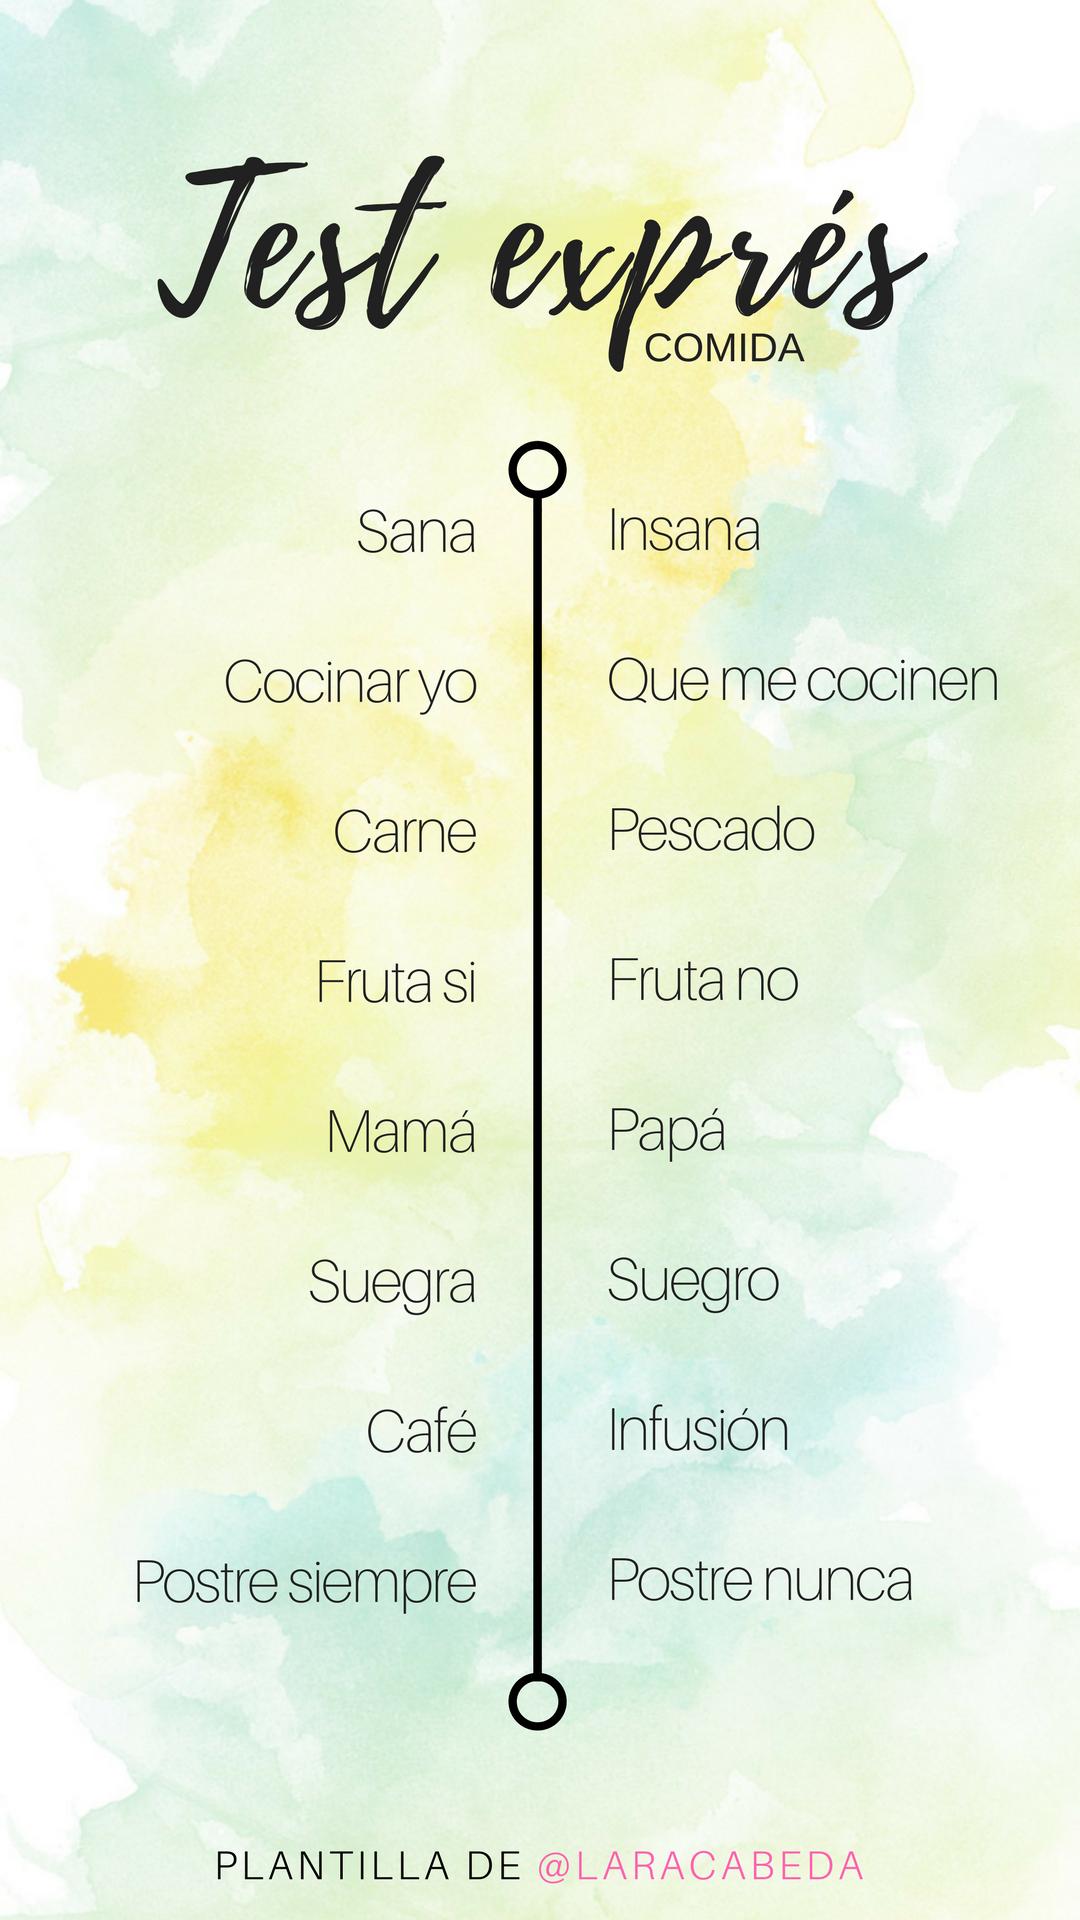 Pin De Cafeconleche En Instagram Stories Templates Cuestionarios Para Whatsapp Preguntas Para Whatsapp Juegos Para Instagram